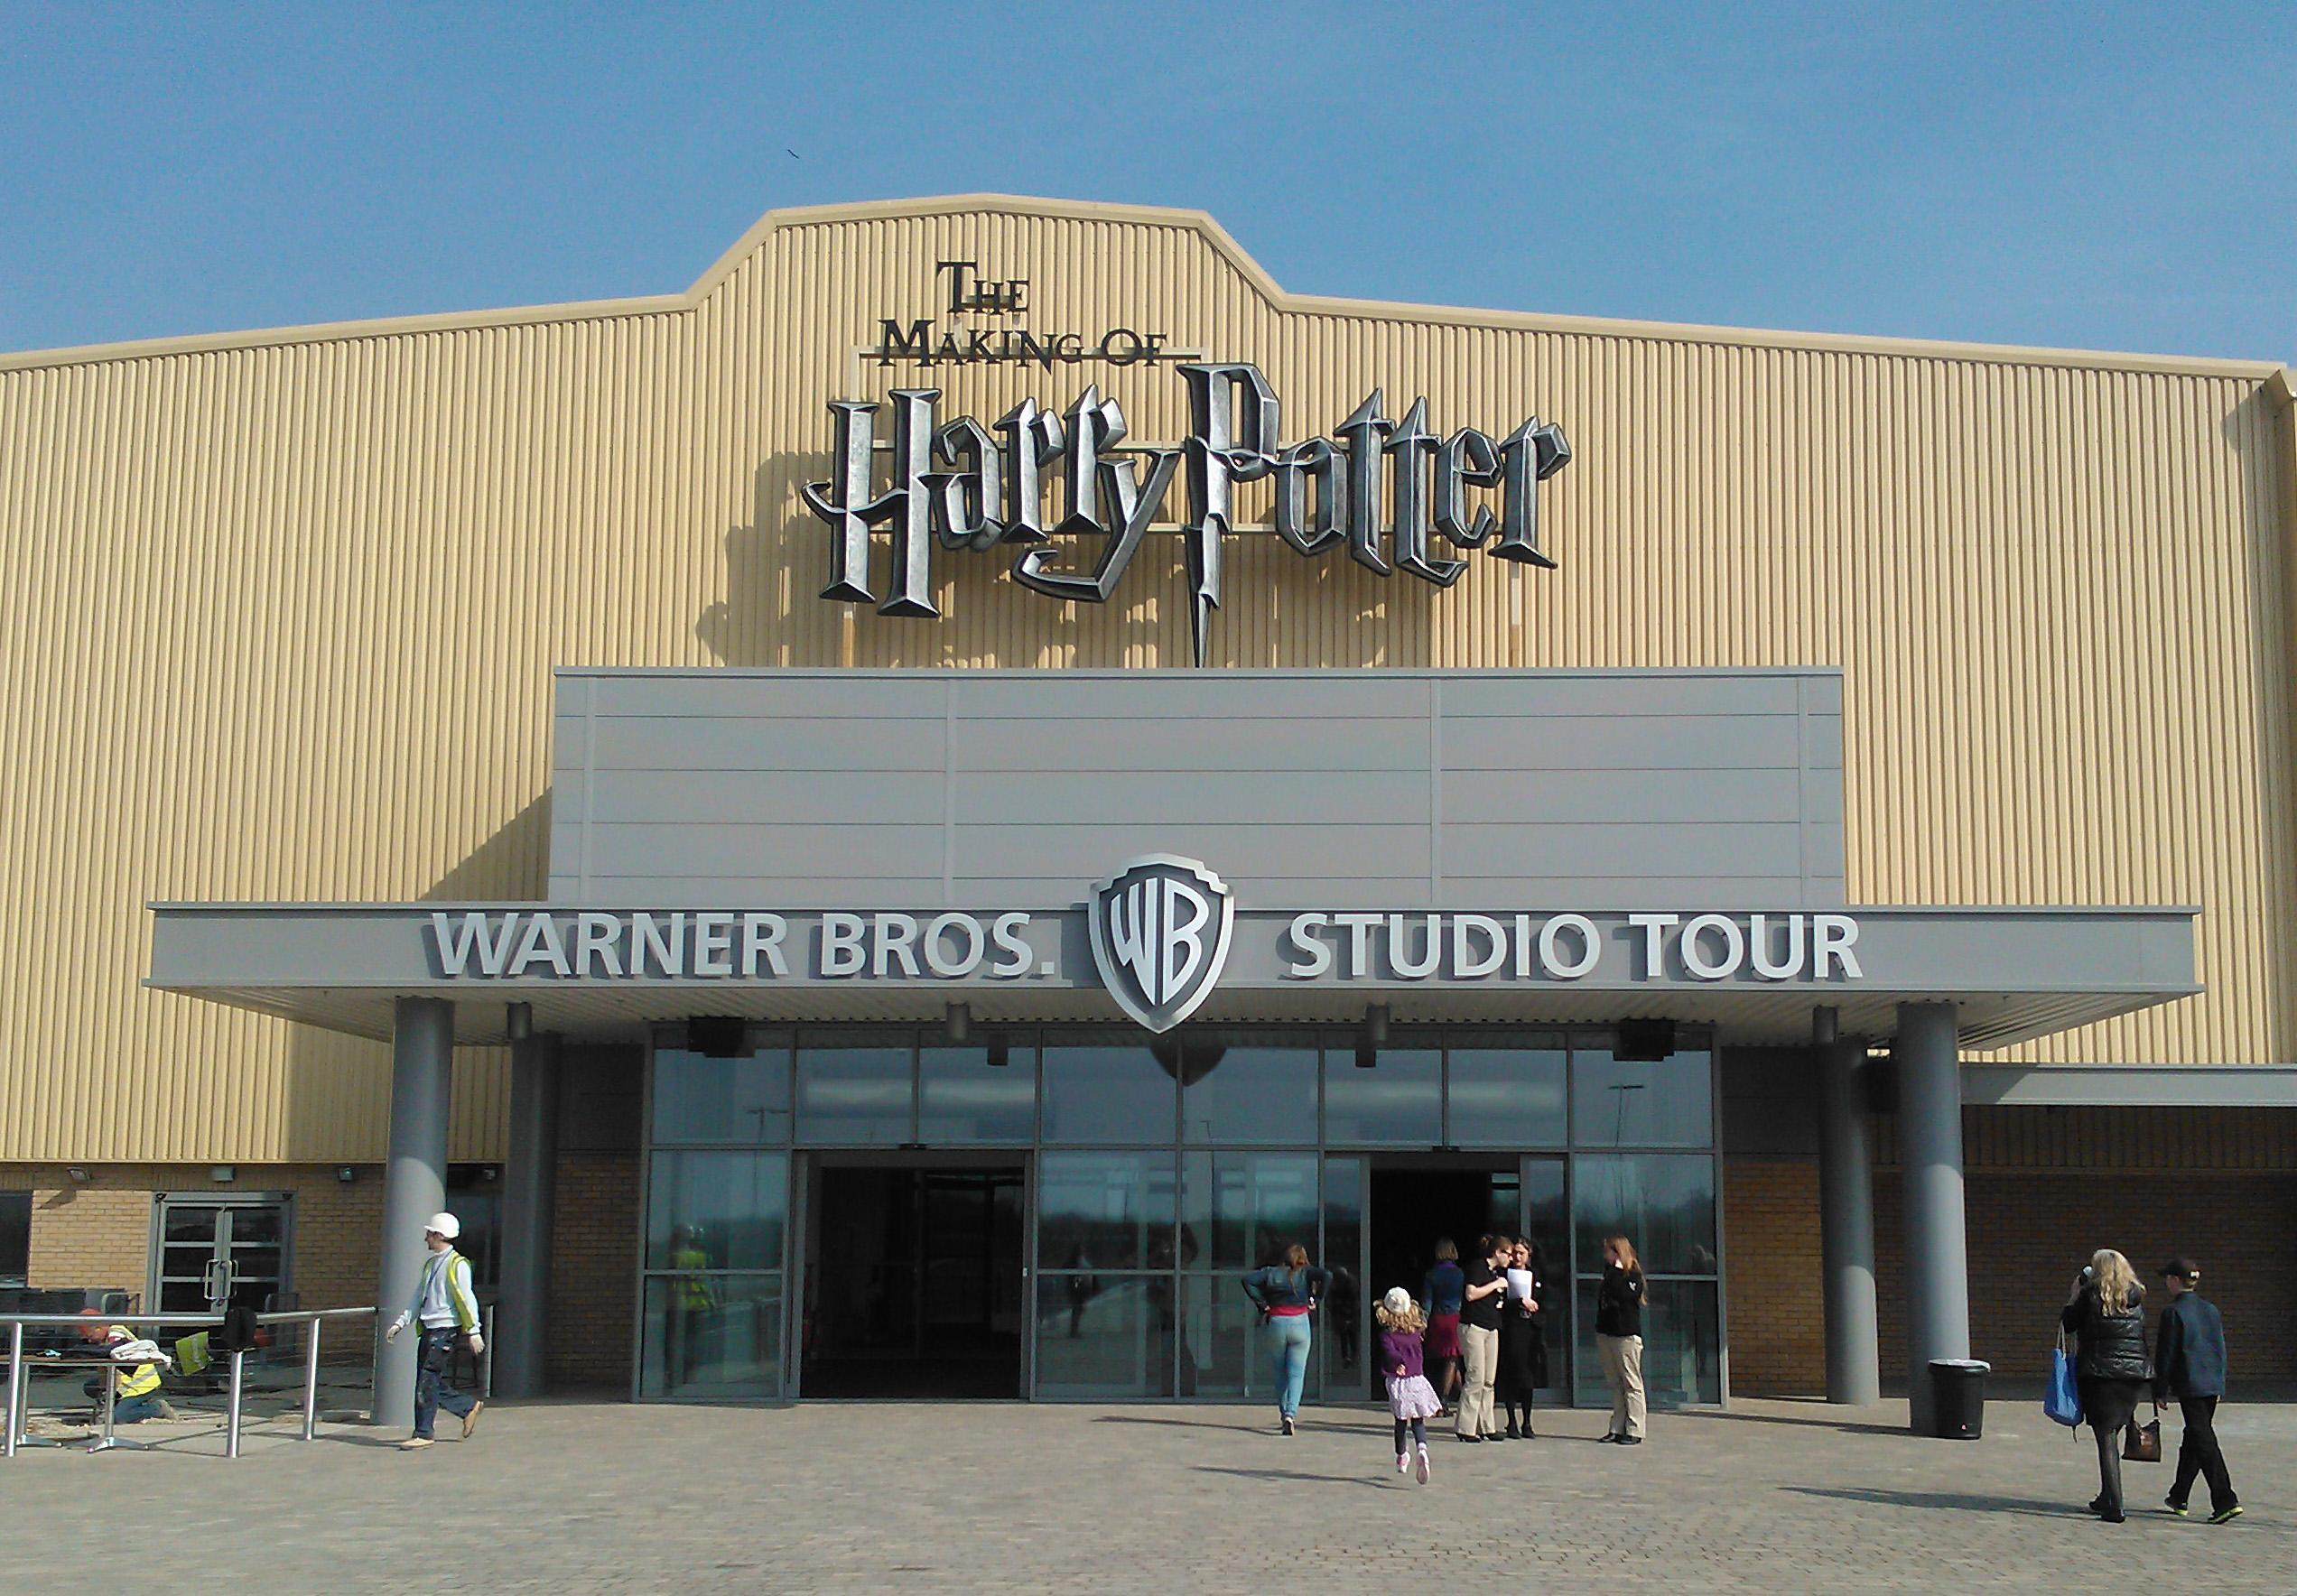 Где снимали Гарри Поттера Музей Гарри Поттера Warner Bros